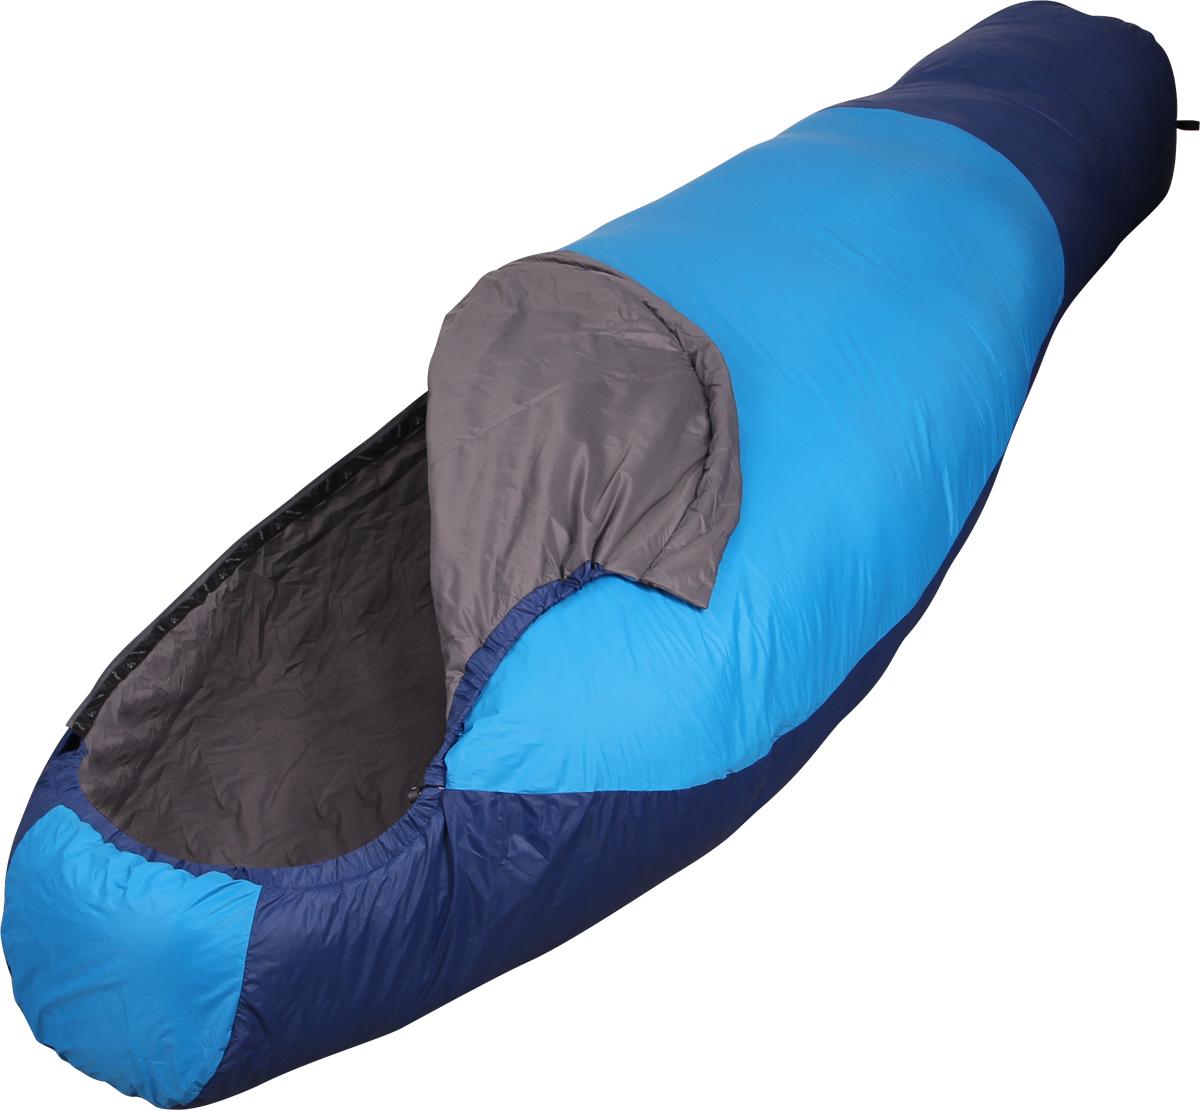 Мешок спальный Сплав Antris 60, левосторонняя молния, цвет: голубой, 220 x 85 x 55 см мешок спальный сплав ranger 2 левосторонняя молния цвет зеленый 210 x 80 x 55 см